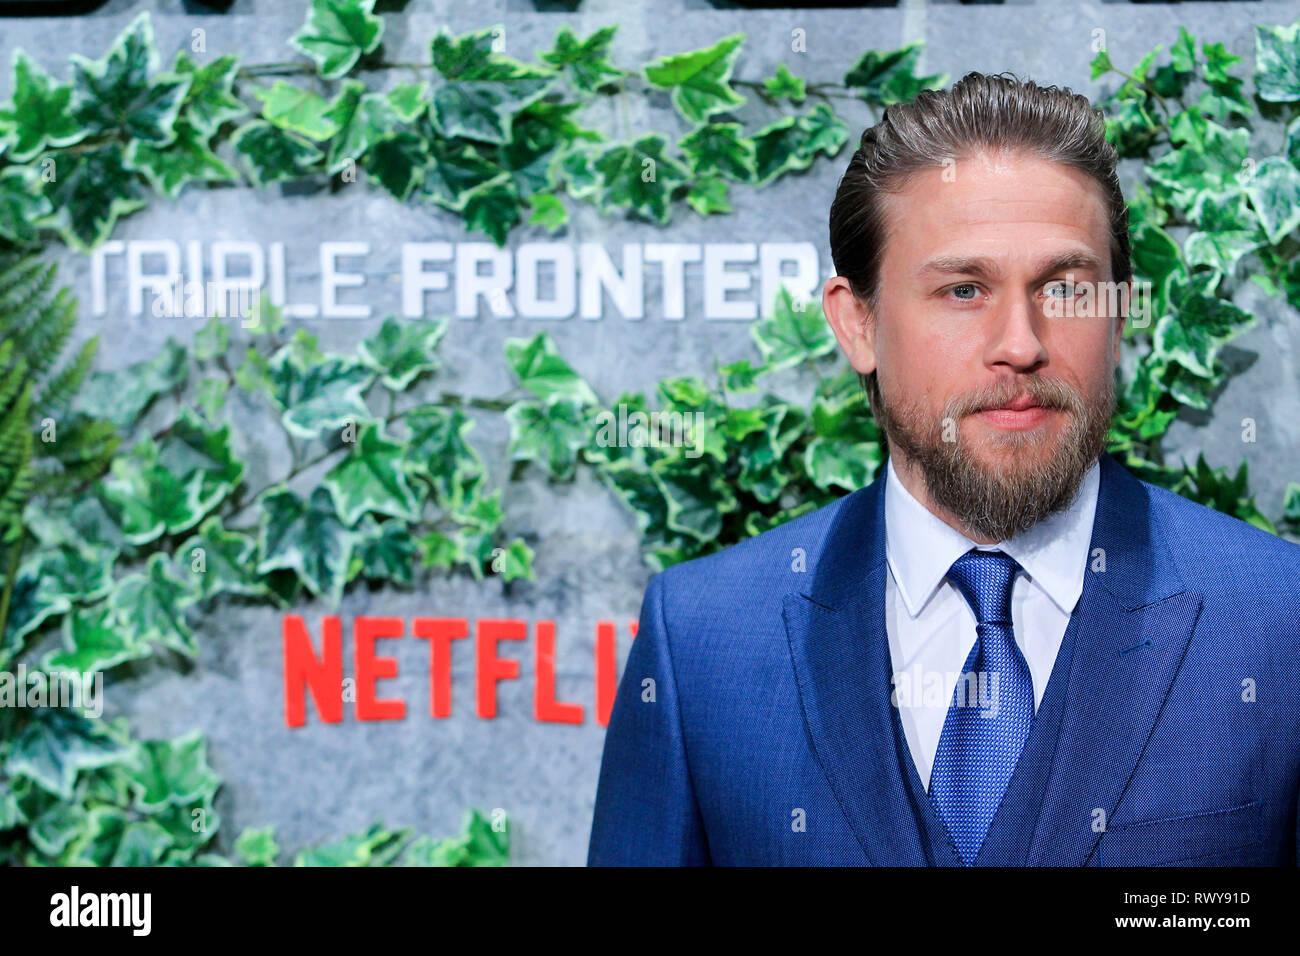 Charlie Hunnam bei der Premiere des Netflix Movie 'Triple Frontera/Triple Frontier' bei Cine Callao. Madrid, 06.03.2019 | Verwendung weltweit Stockbild